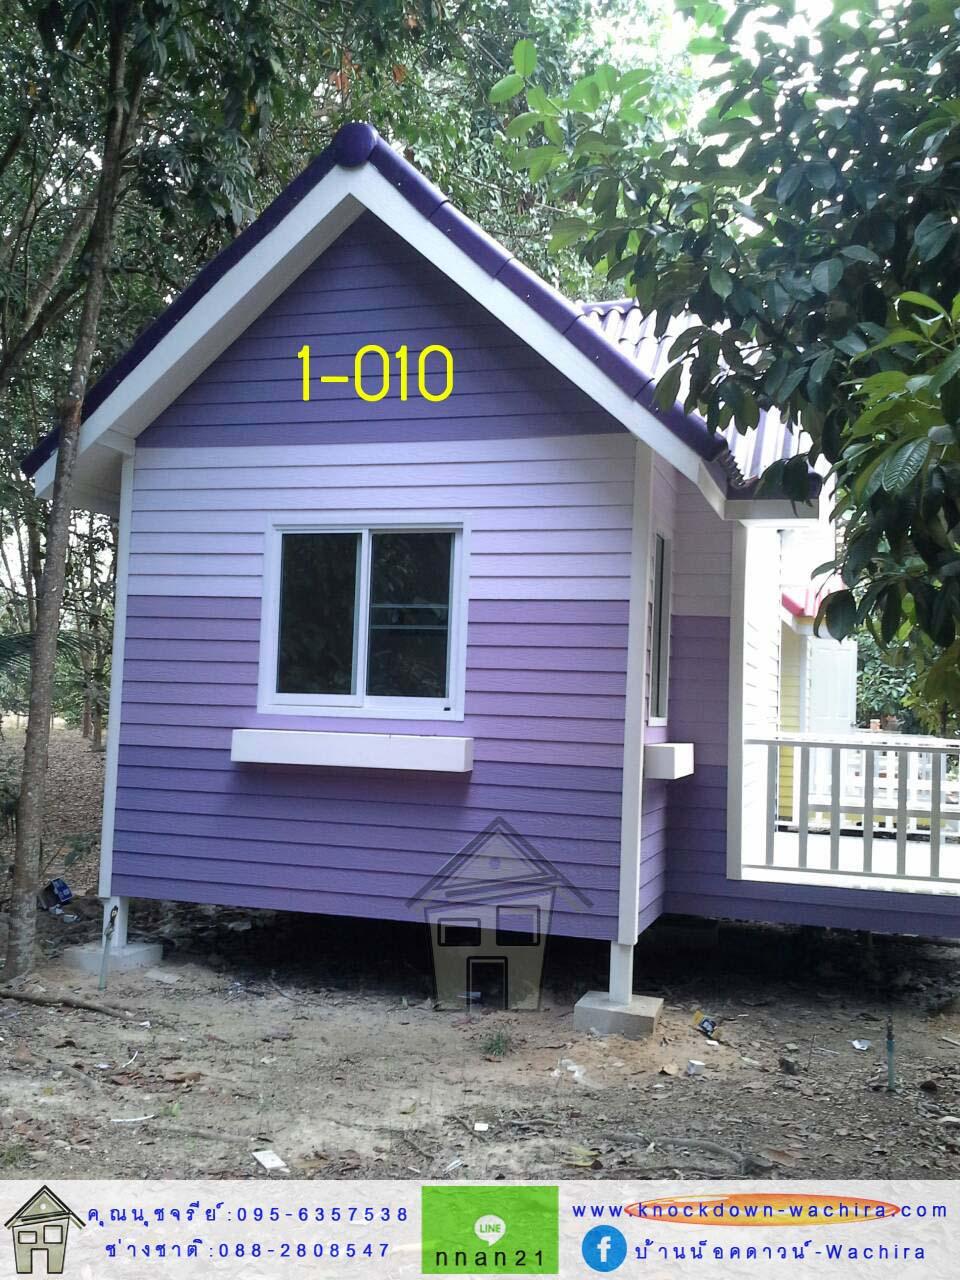 บ้านน็อคดาวน์มือสอง,บ้านน็อคดาวน์มือสองราคาถูก,แบบบ้านน๊อคดาวน์,ราคาบ้านบ้านน็อคดาวน์